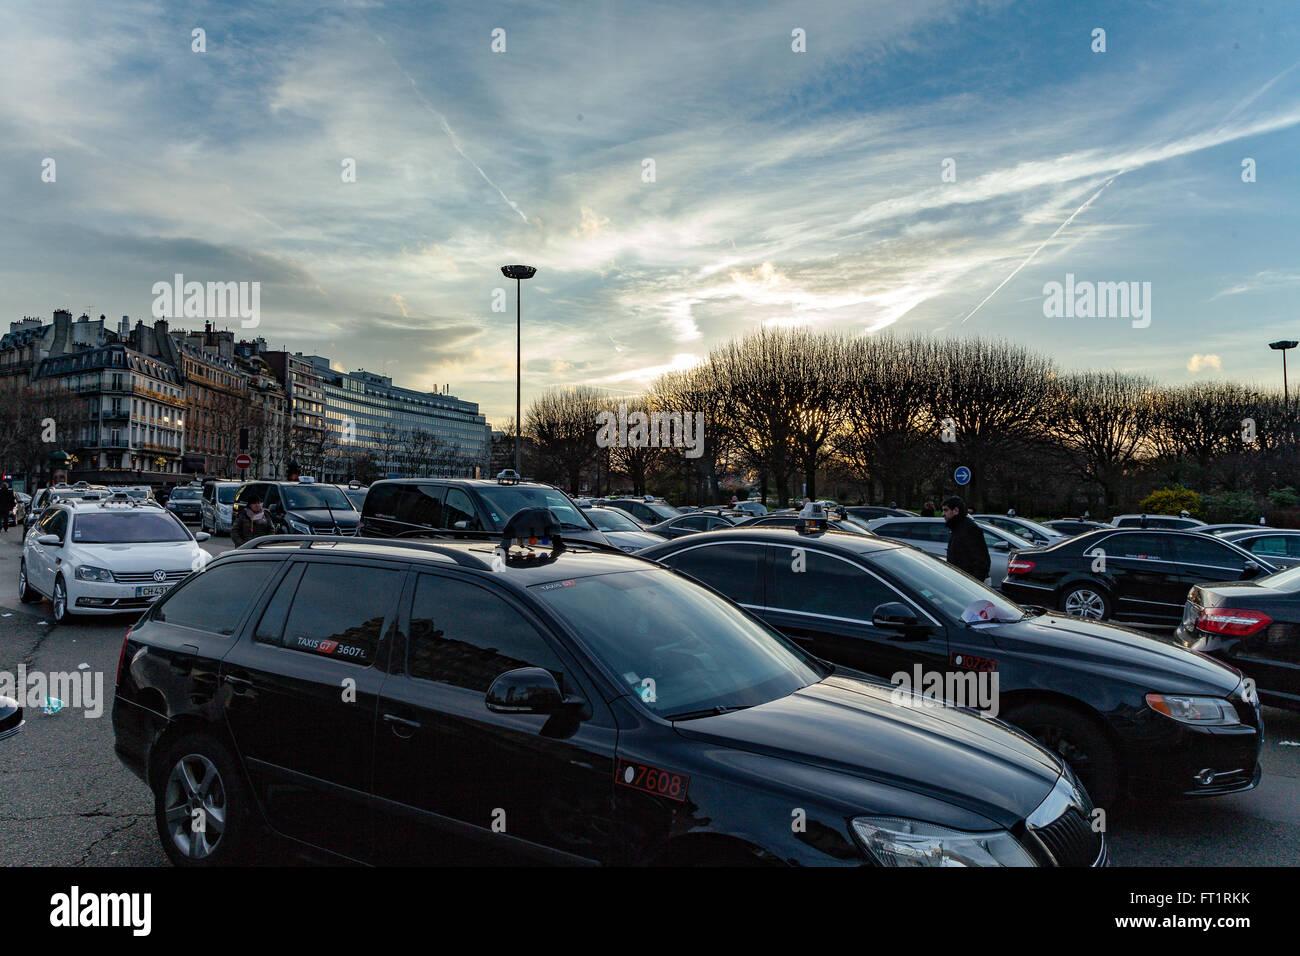 les taxis parisiens fran ais sur les gr ves contre uber banque d 39 images photo stock 100844119. Black Bedroom Furniture Sets. Home Design Ideas